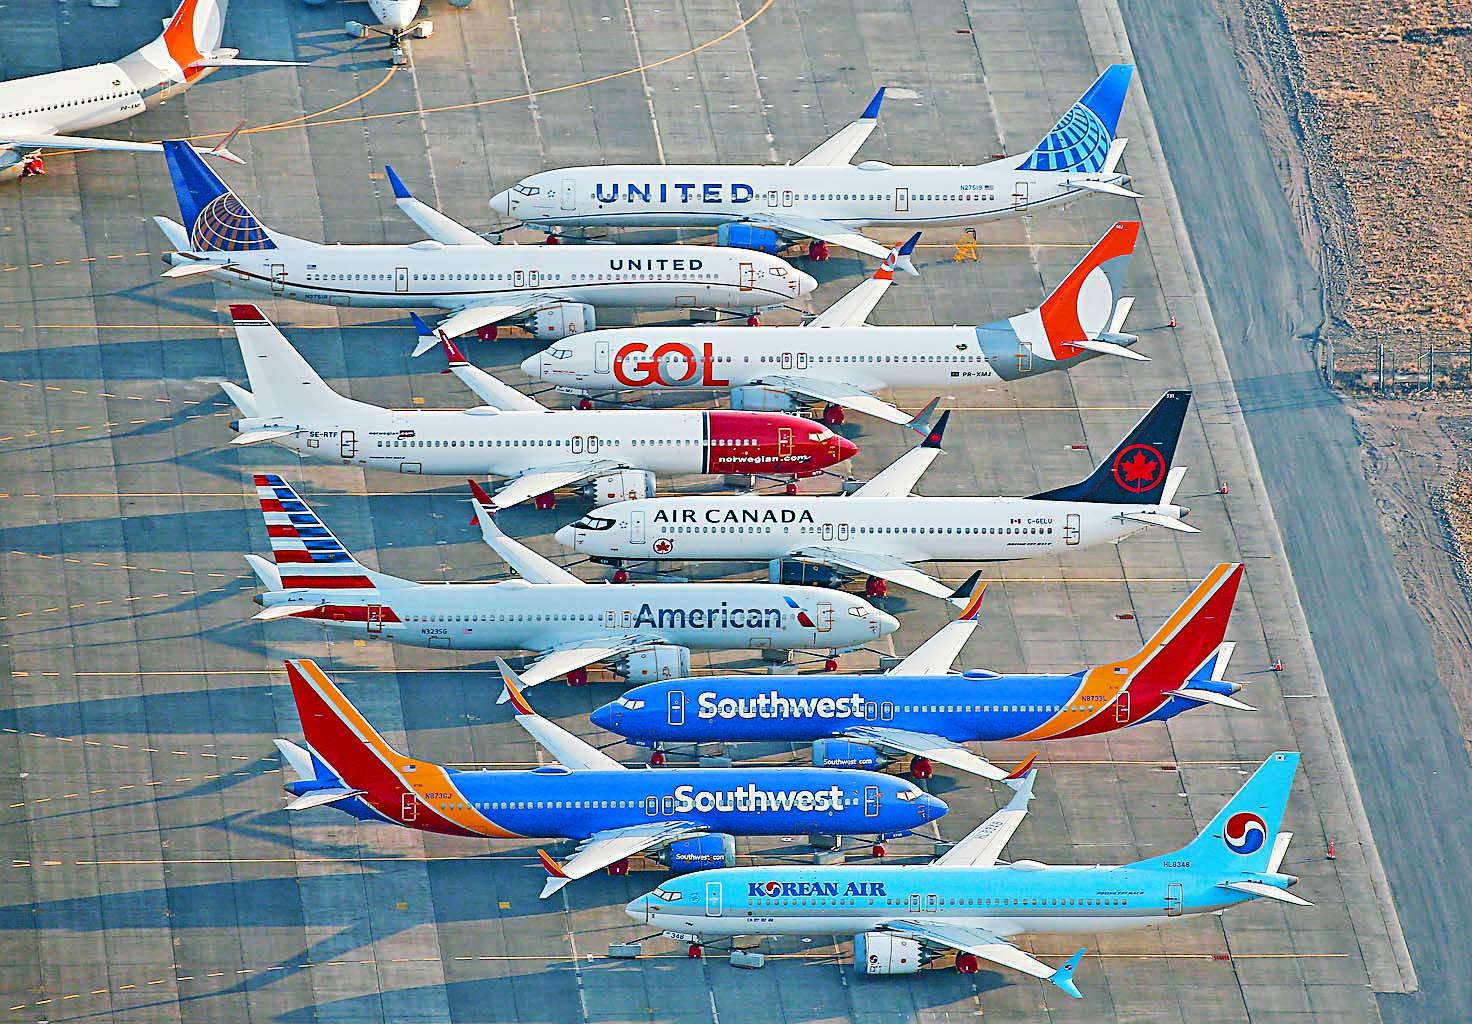 波音公司傳出兩名員工的短訊暗示,公司停飛的737 MAX飛機的安全問題上,誤導聯邦航空管理局。